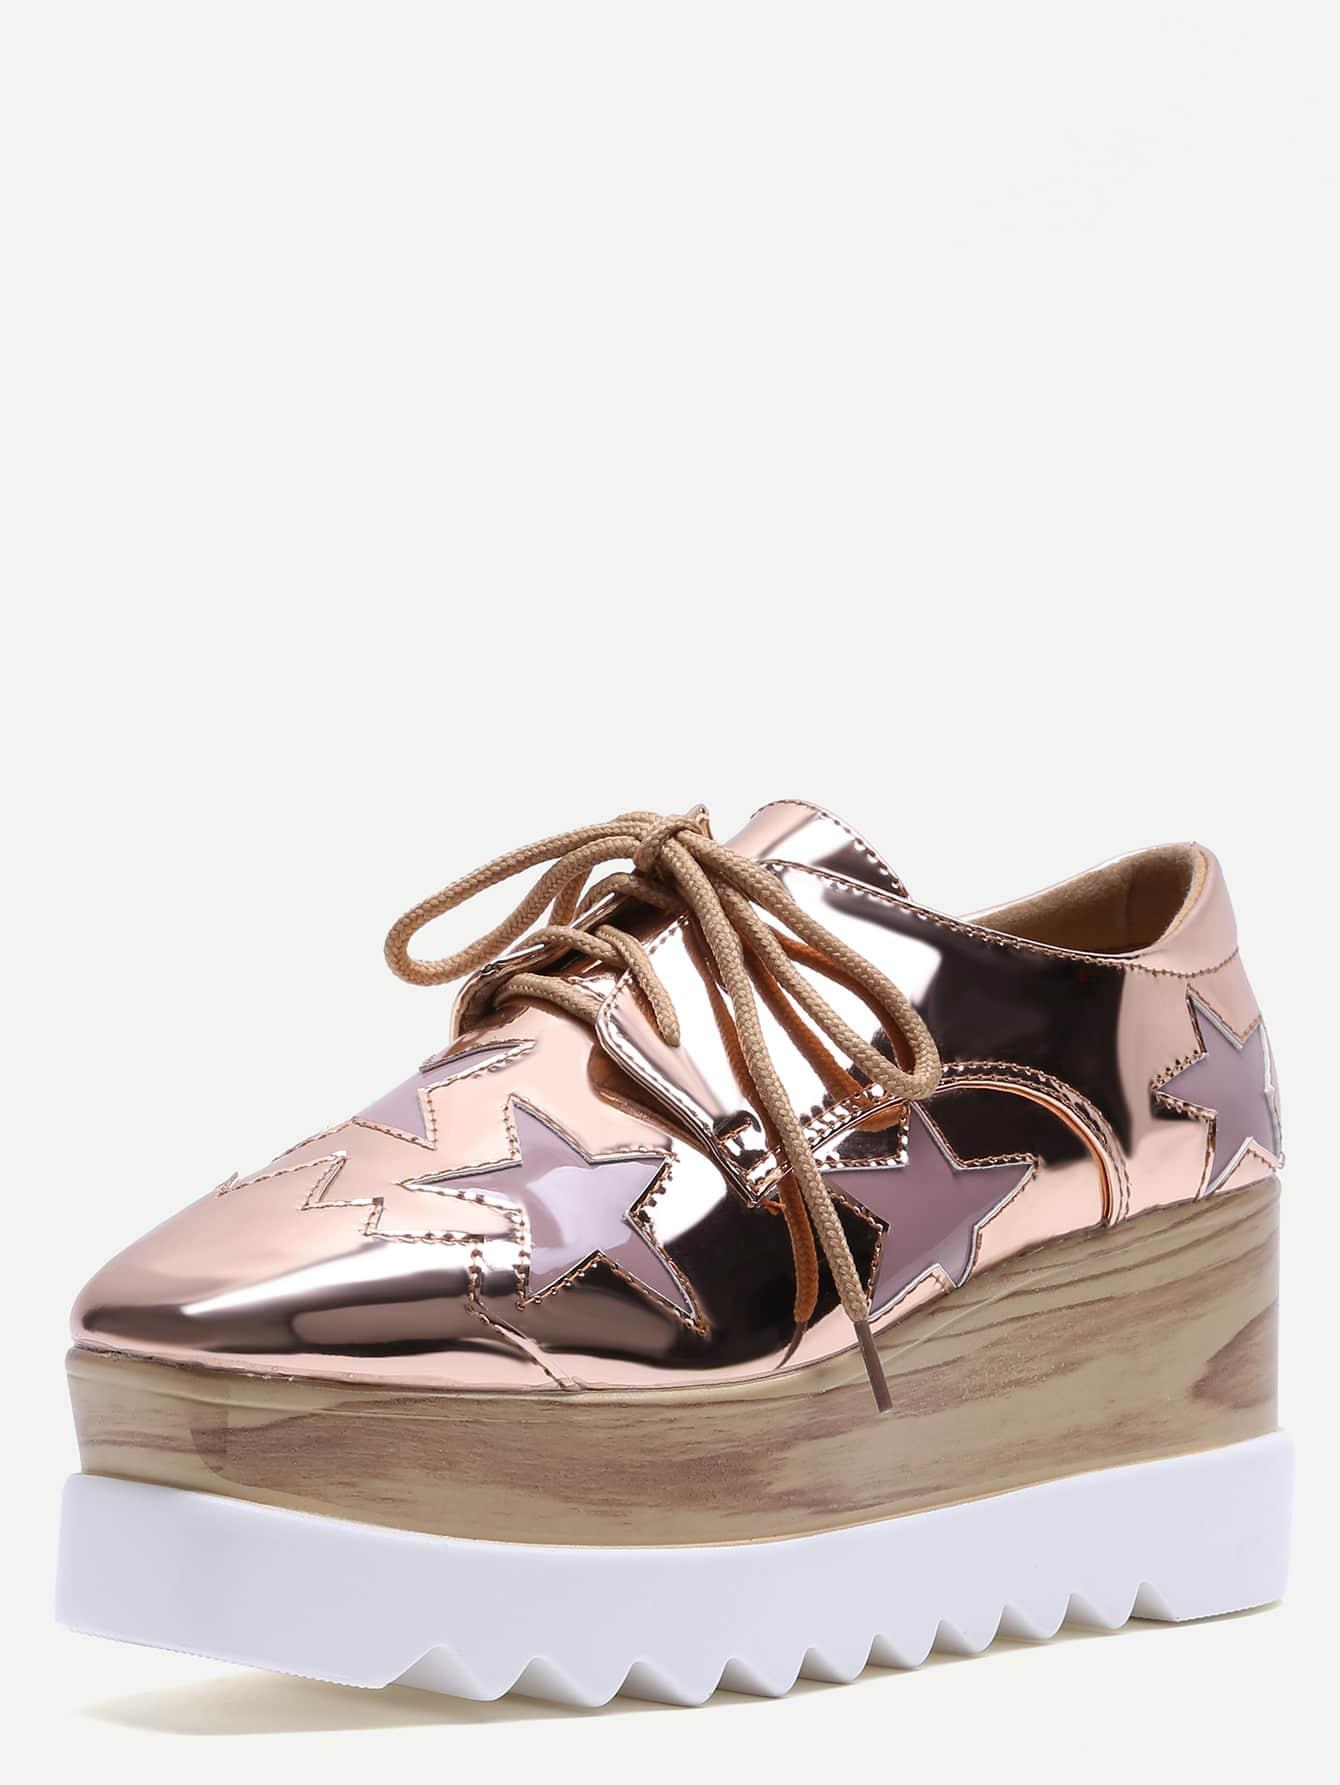 shoes161209804_2